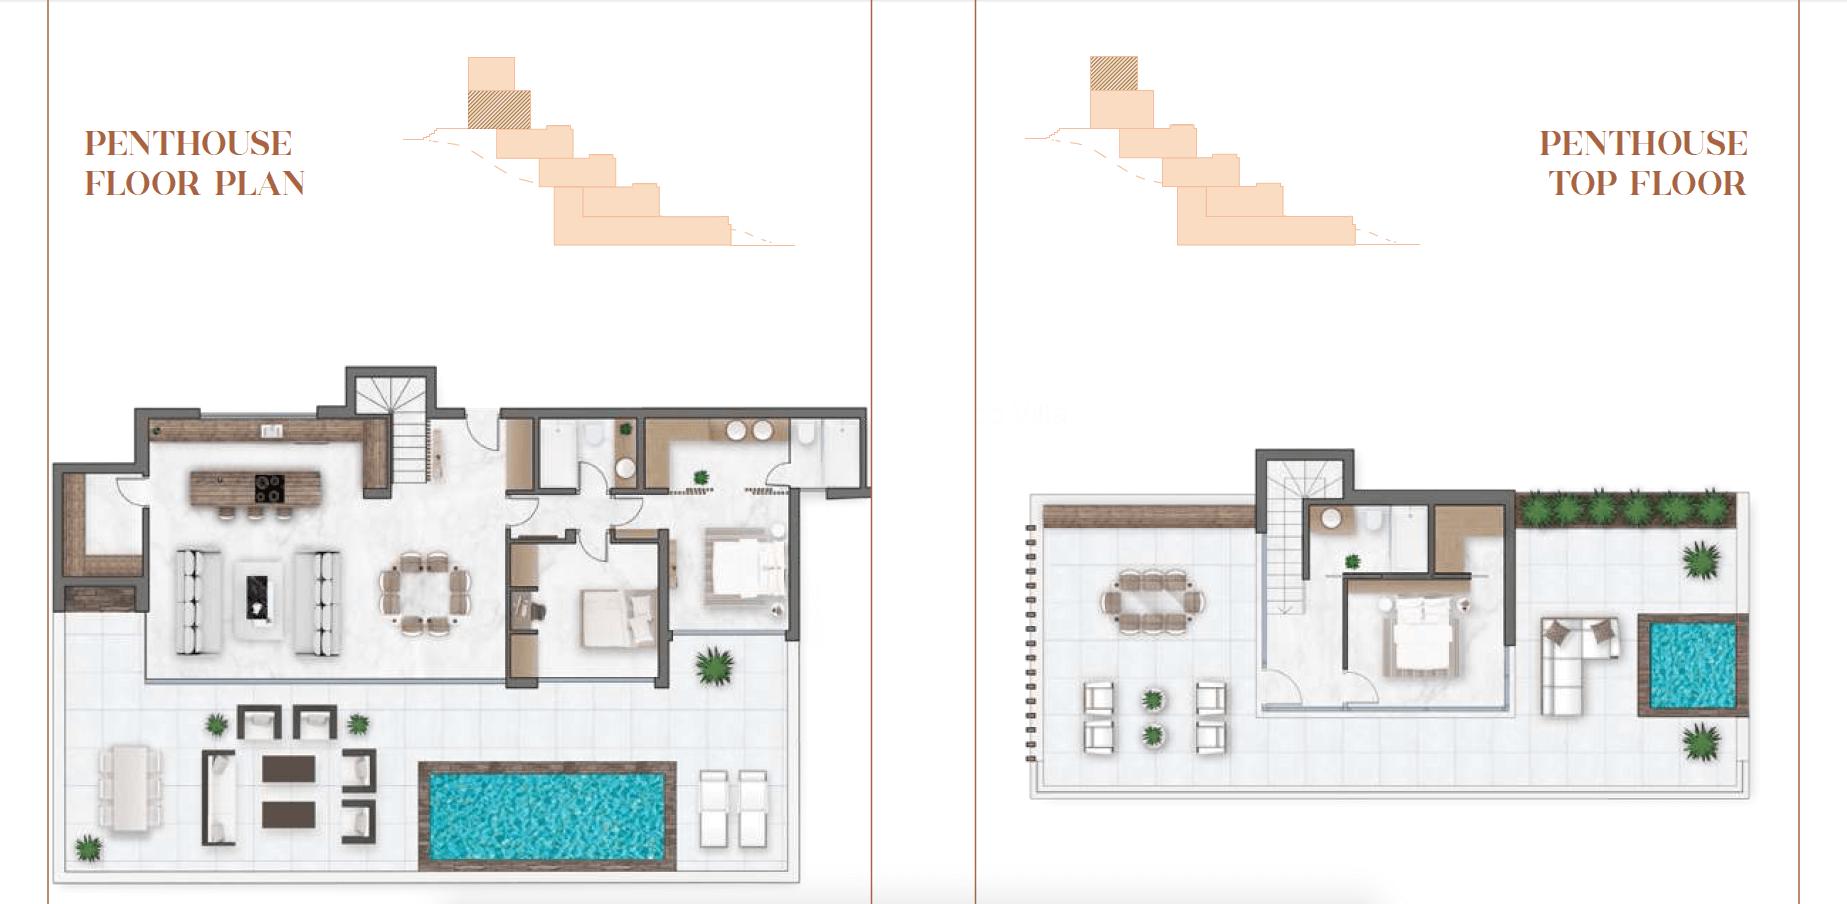 infinity mirador del paraiso benahavis nieuwbouw appartement te koop resort gym zwembad zee costa del sol golf grondplan penthouse